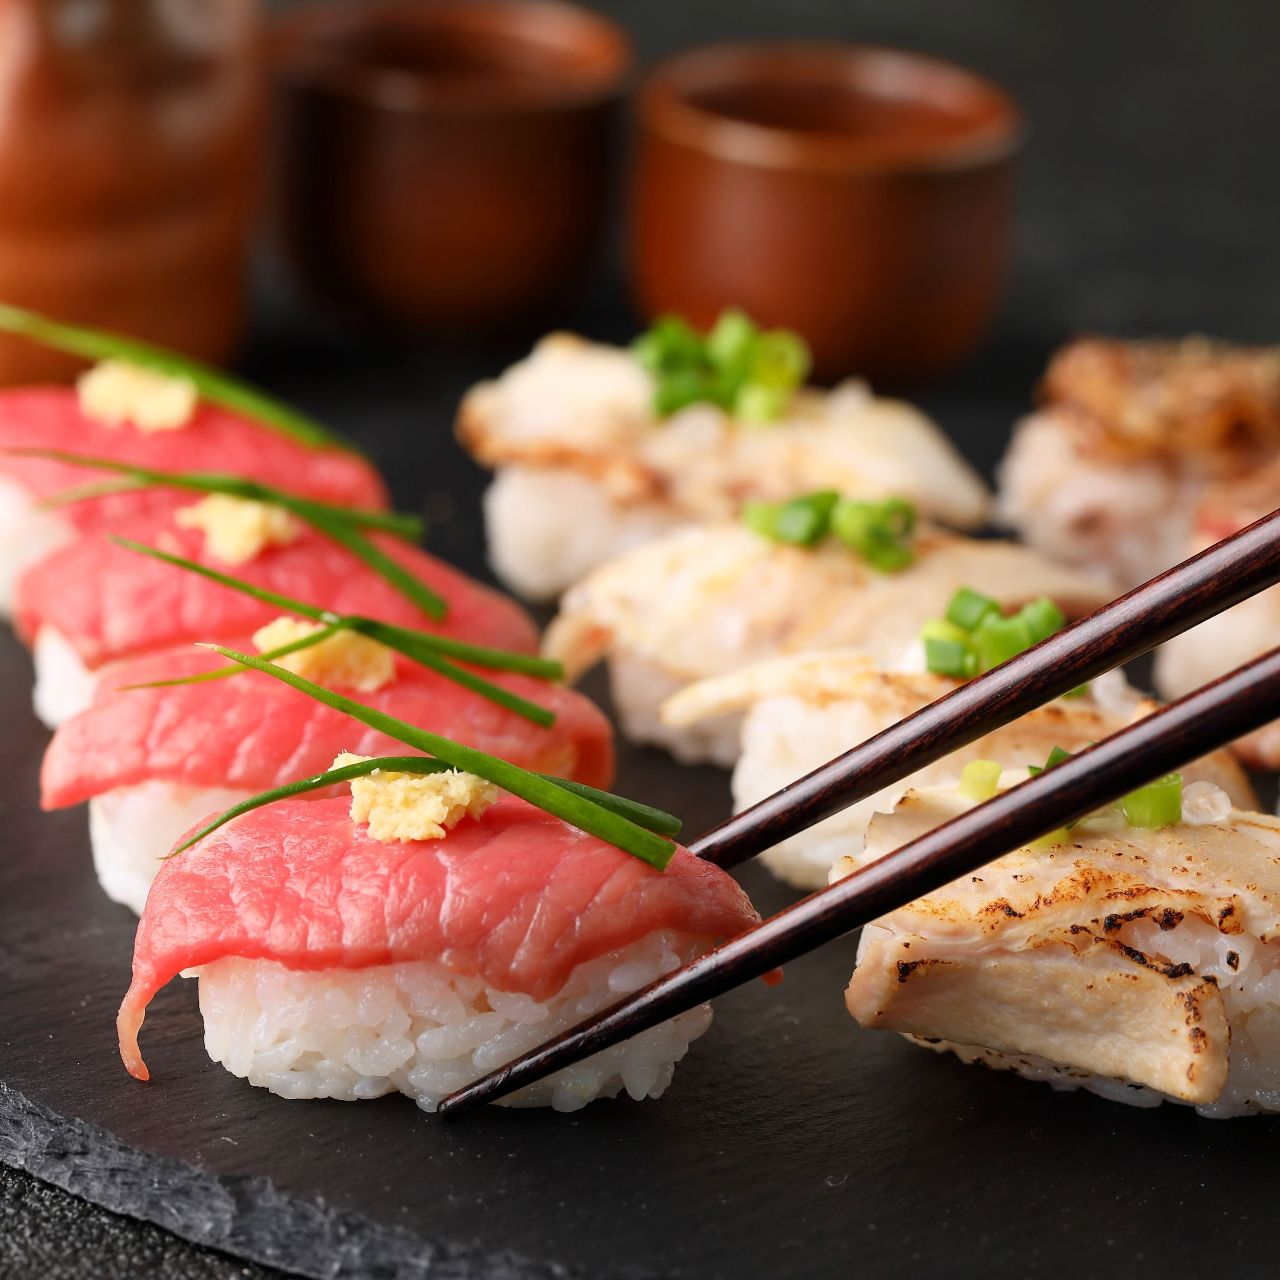 馬肉寿司や炙り肉寿司も人気!海鮮とお肉が美味しい!!